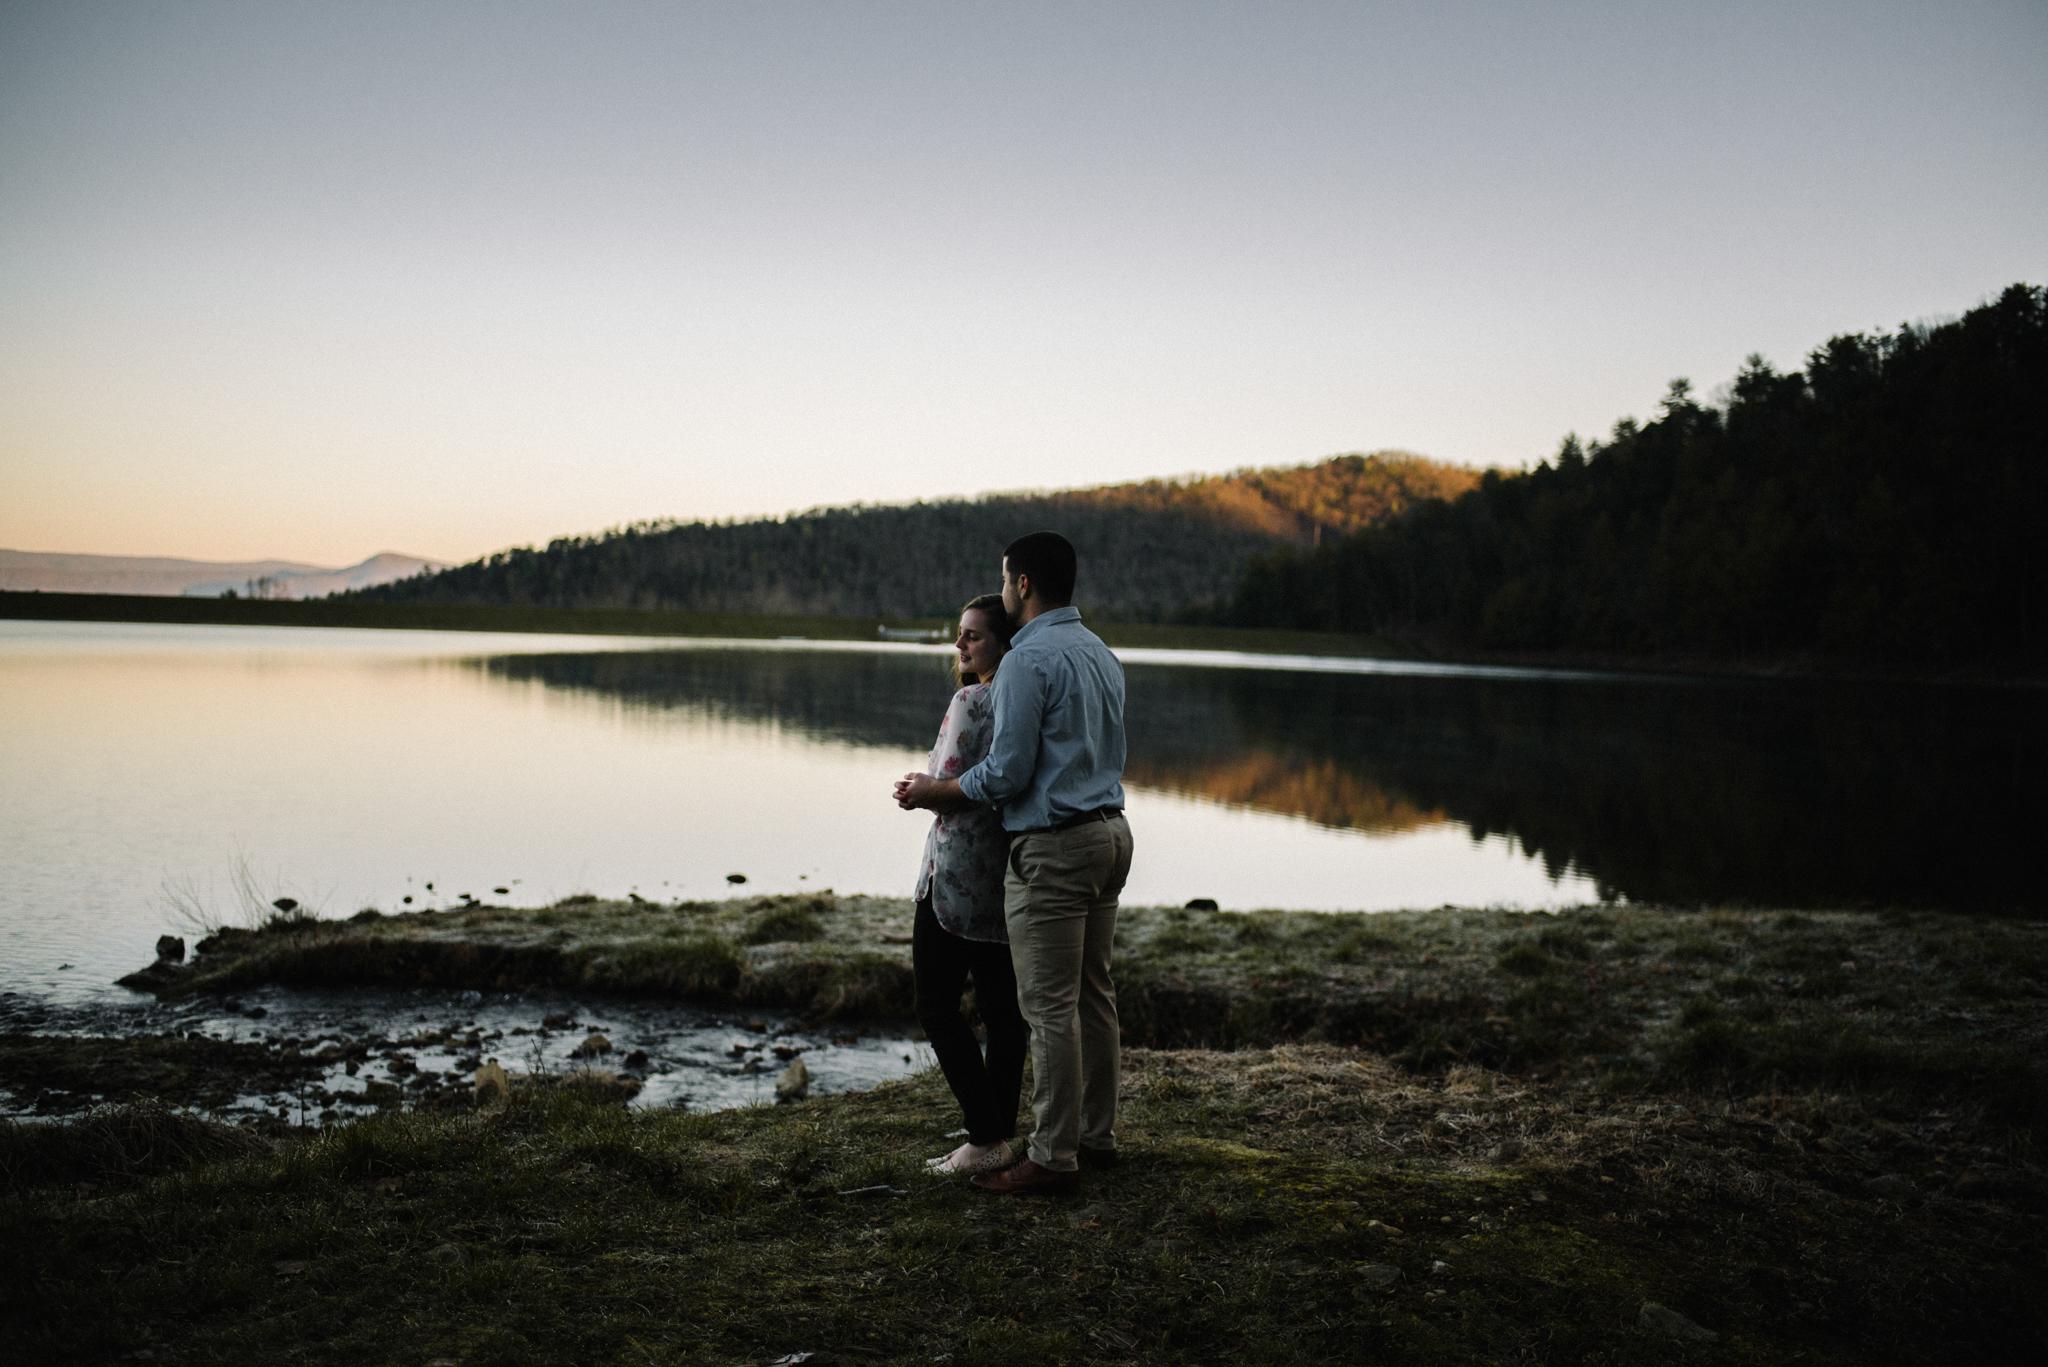 Sunrise Lake Engagement Photos - Early Morning - Couple Photo Shoot - White Sails Adventure Photography_14.JPG